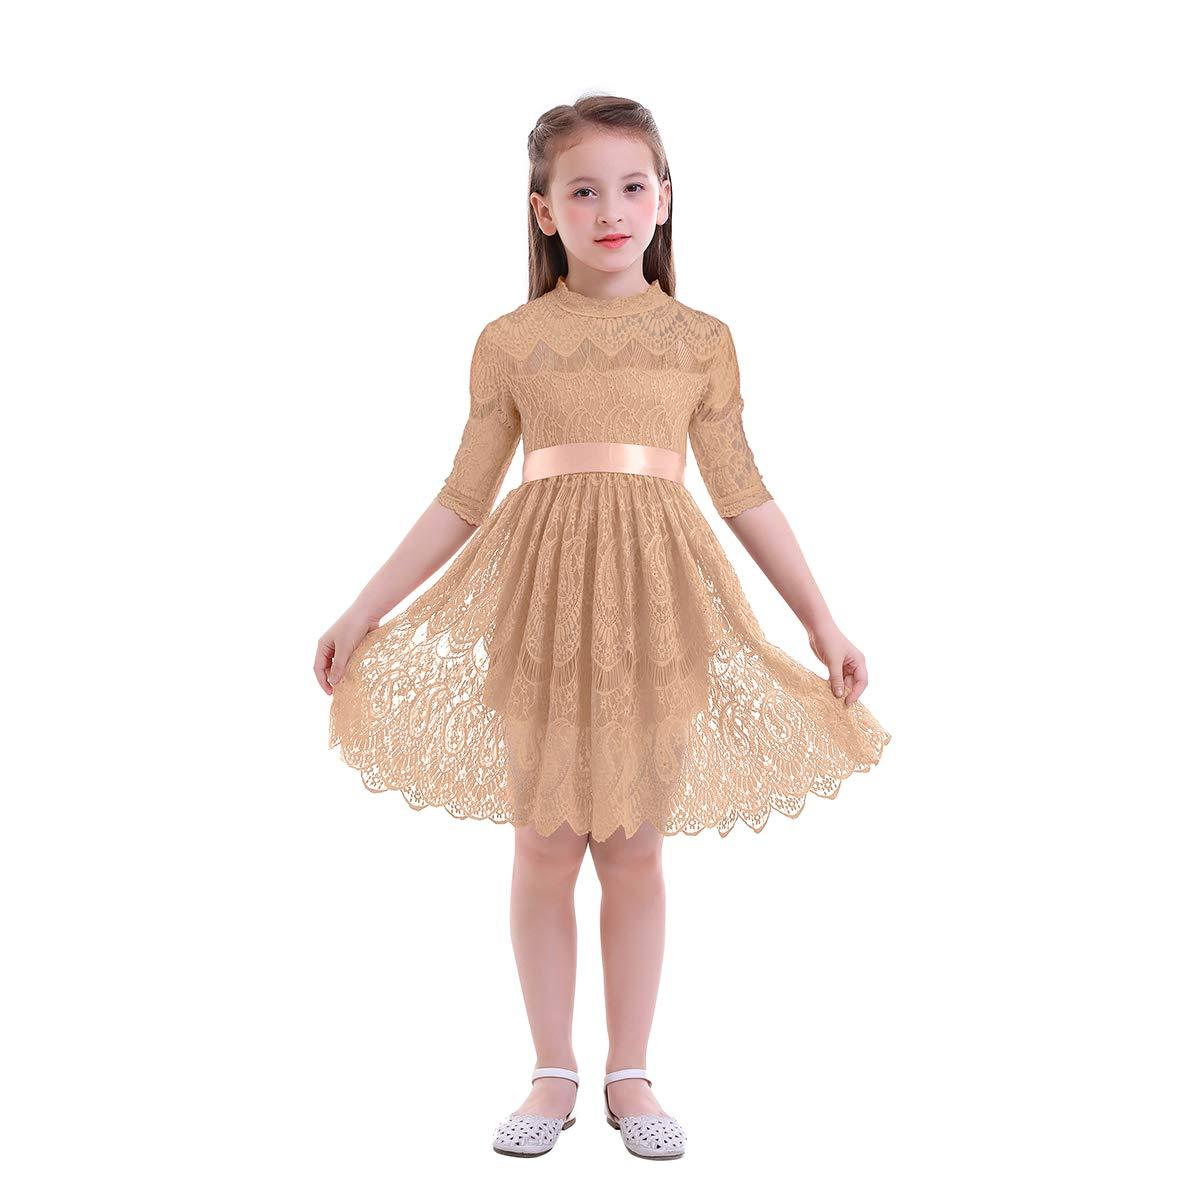 Amazon Owlfay Vintage Lace Flower Girl Dress Boho Toddler